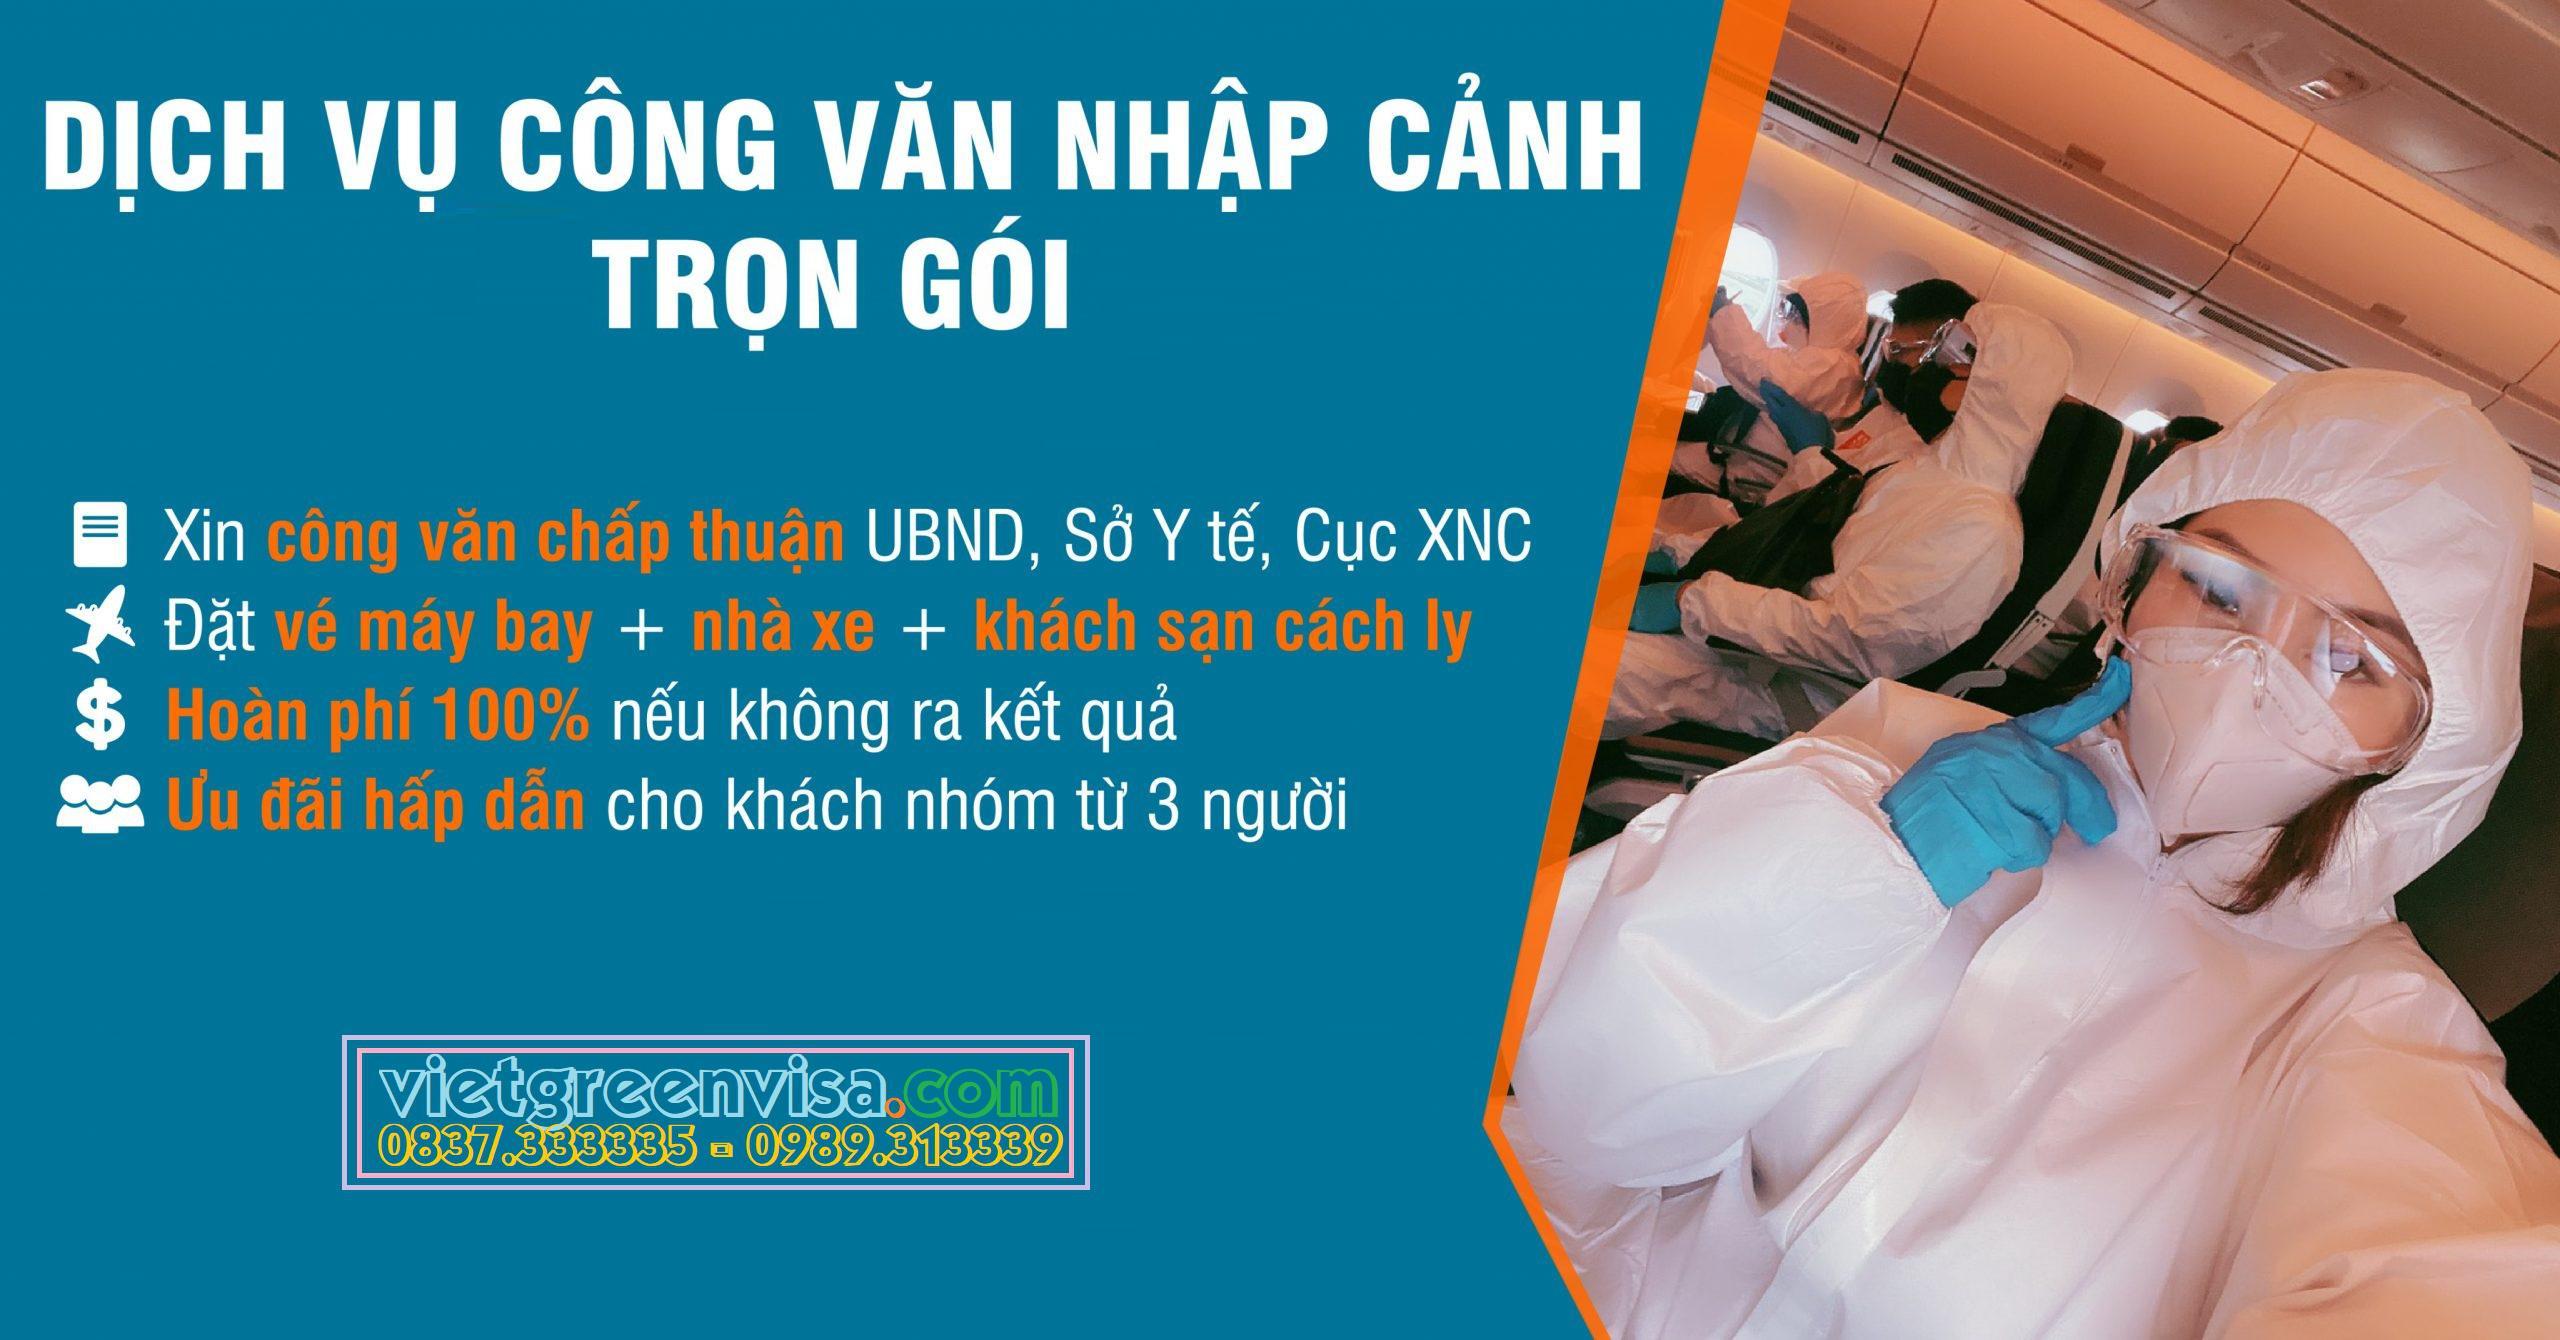 Công văn nhập cảnh, Visa Việt Nam, Phương án y tế, Khách sạn cách ly cho chuyên gia nước ngoài trọn gói